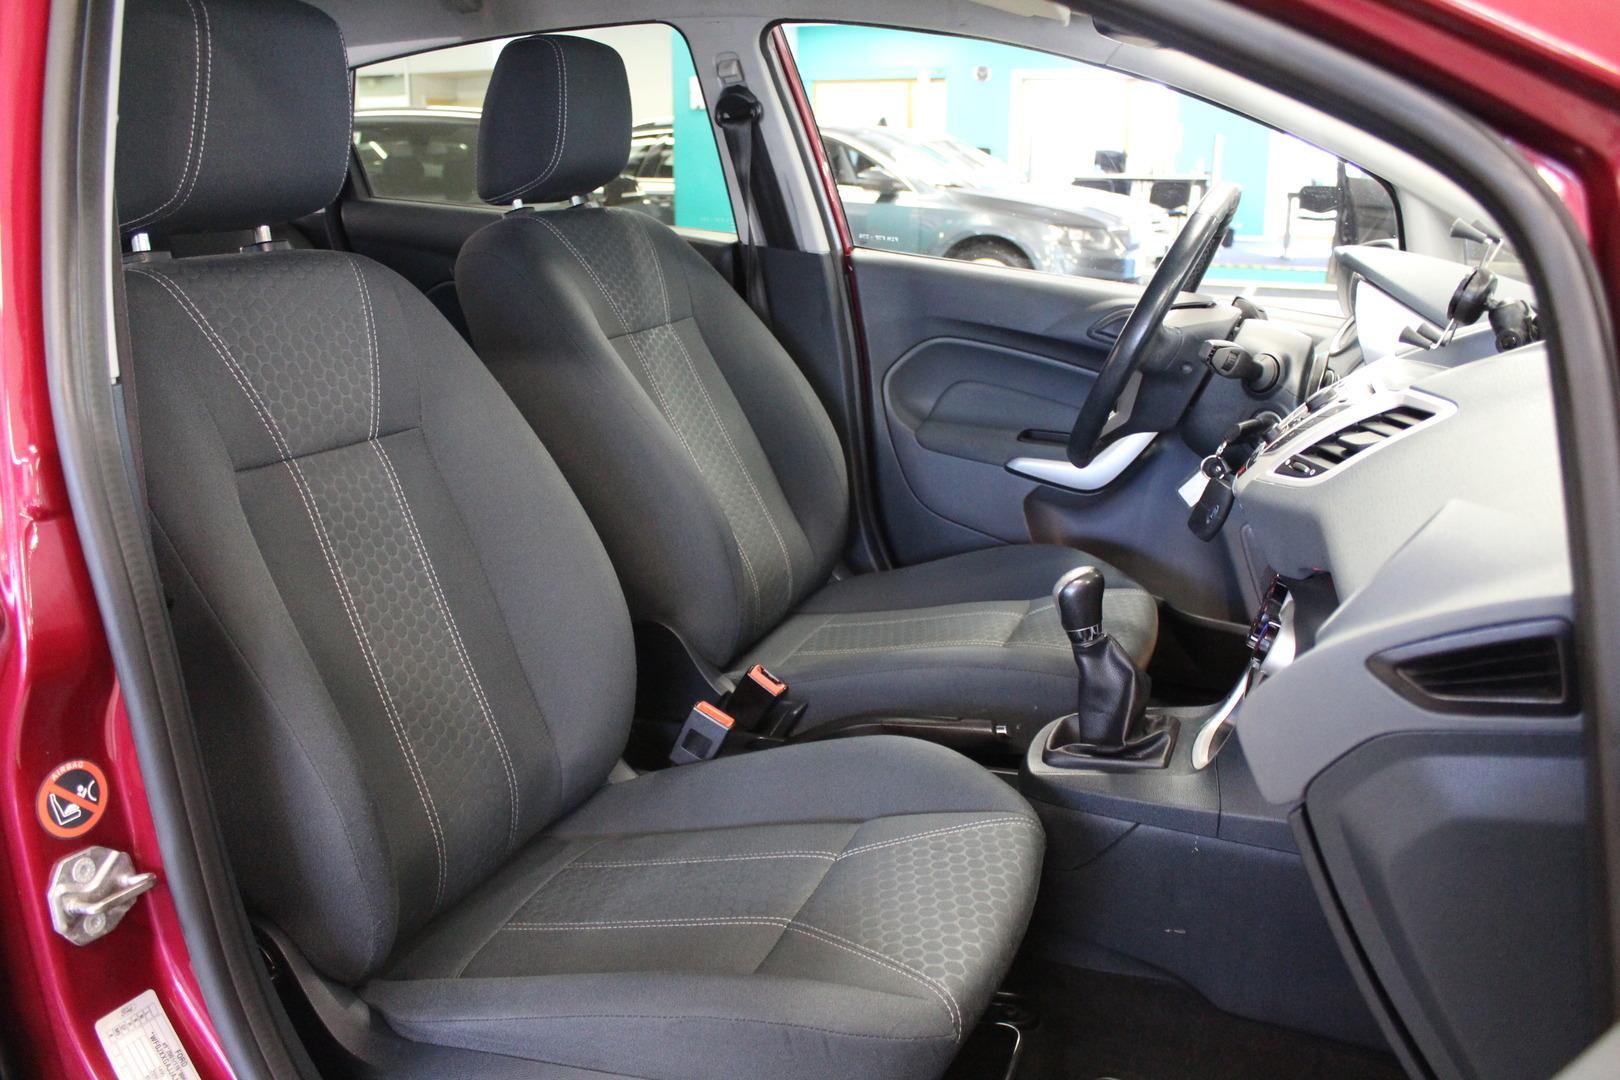 Ford Fiesta, 1,25 Titanium 5-ovinen **Juuri tullut** #Juuri huollettu #Hyvät renkaat #Ilmastointi